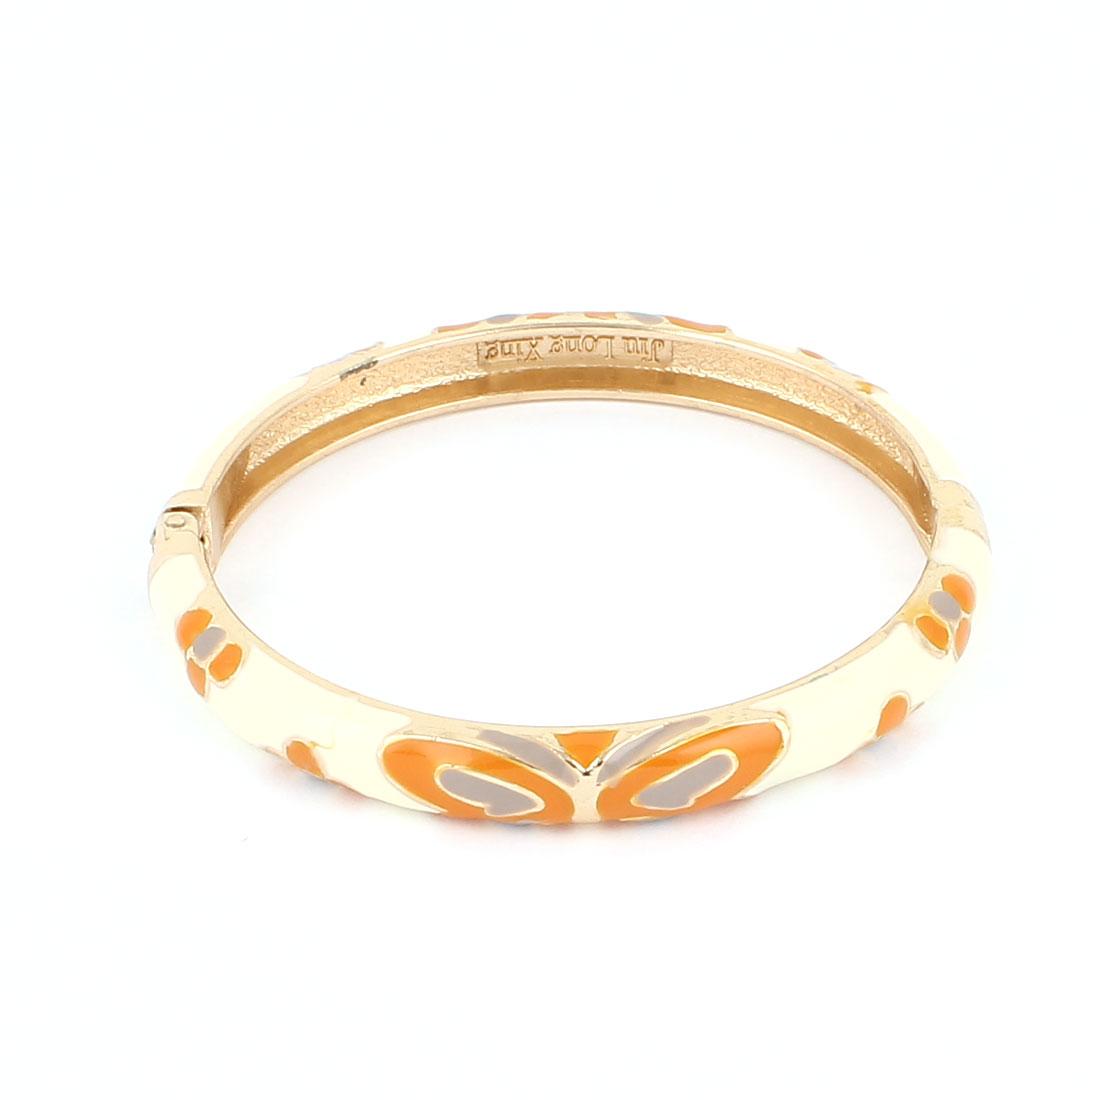 Lady Girl 2.3-inch Dia Round Shape White Hinge Wrist Bracelet